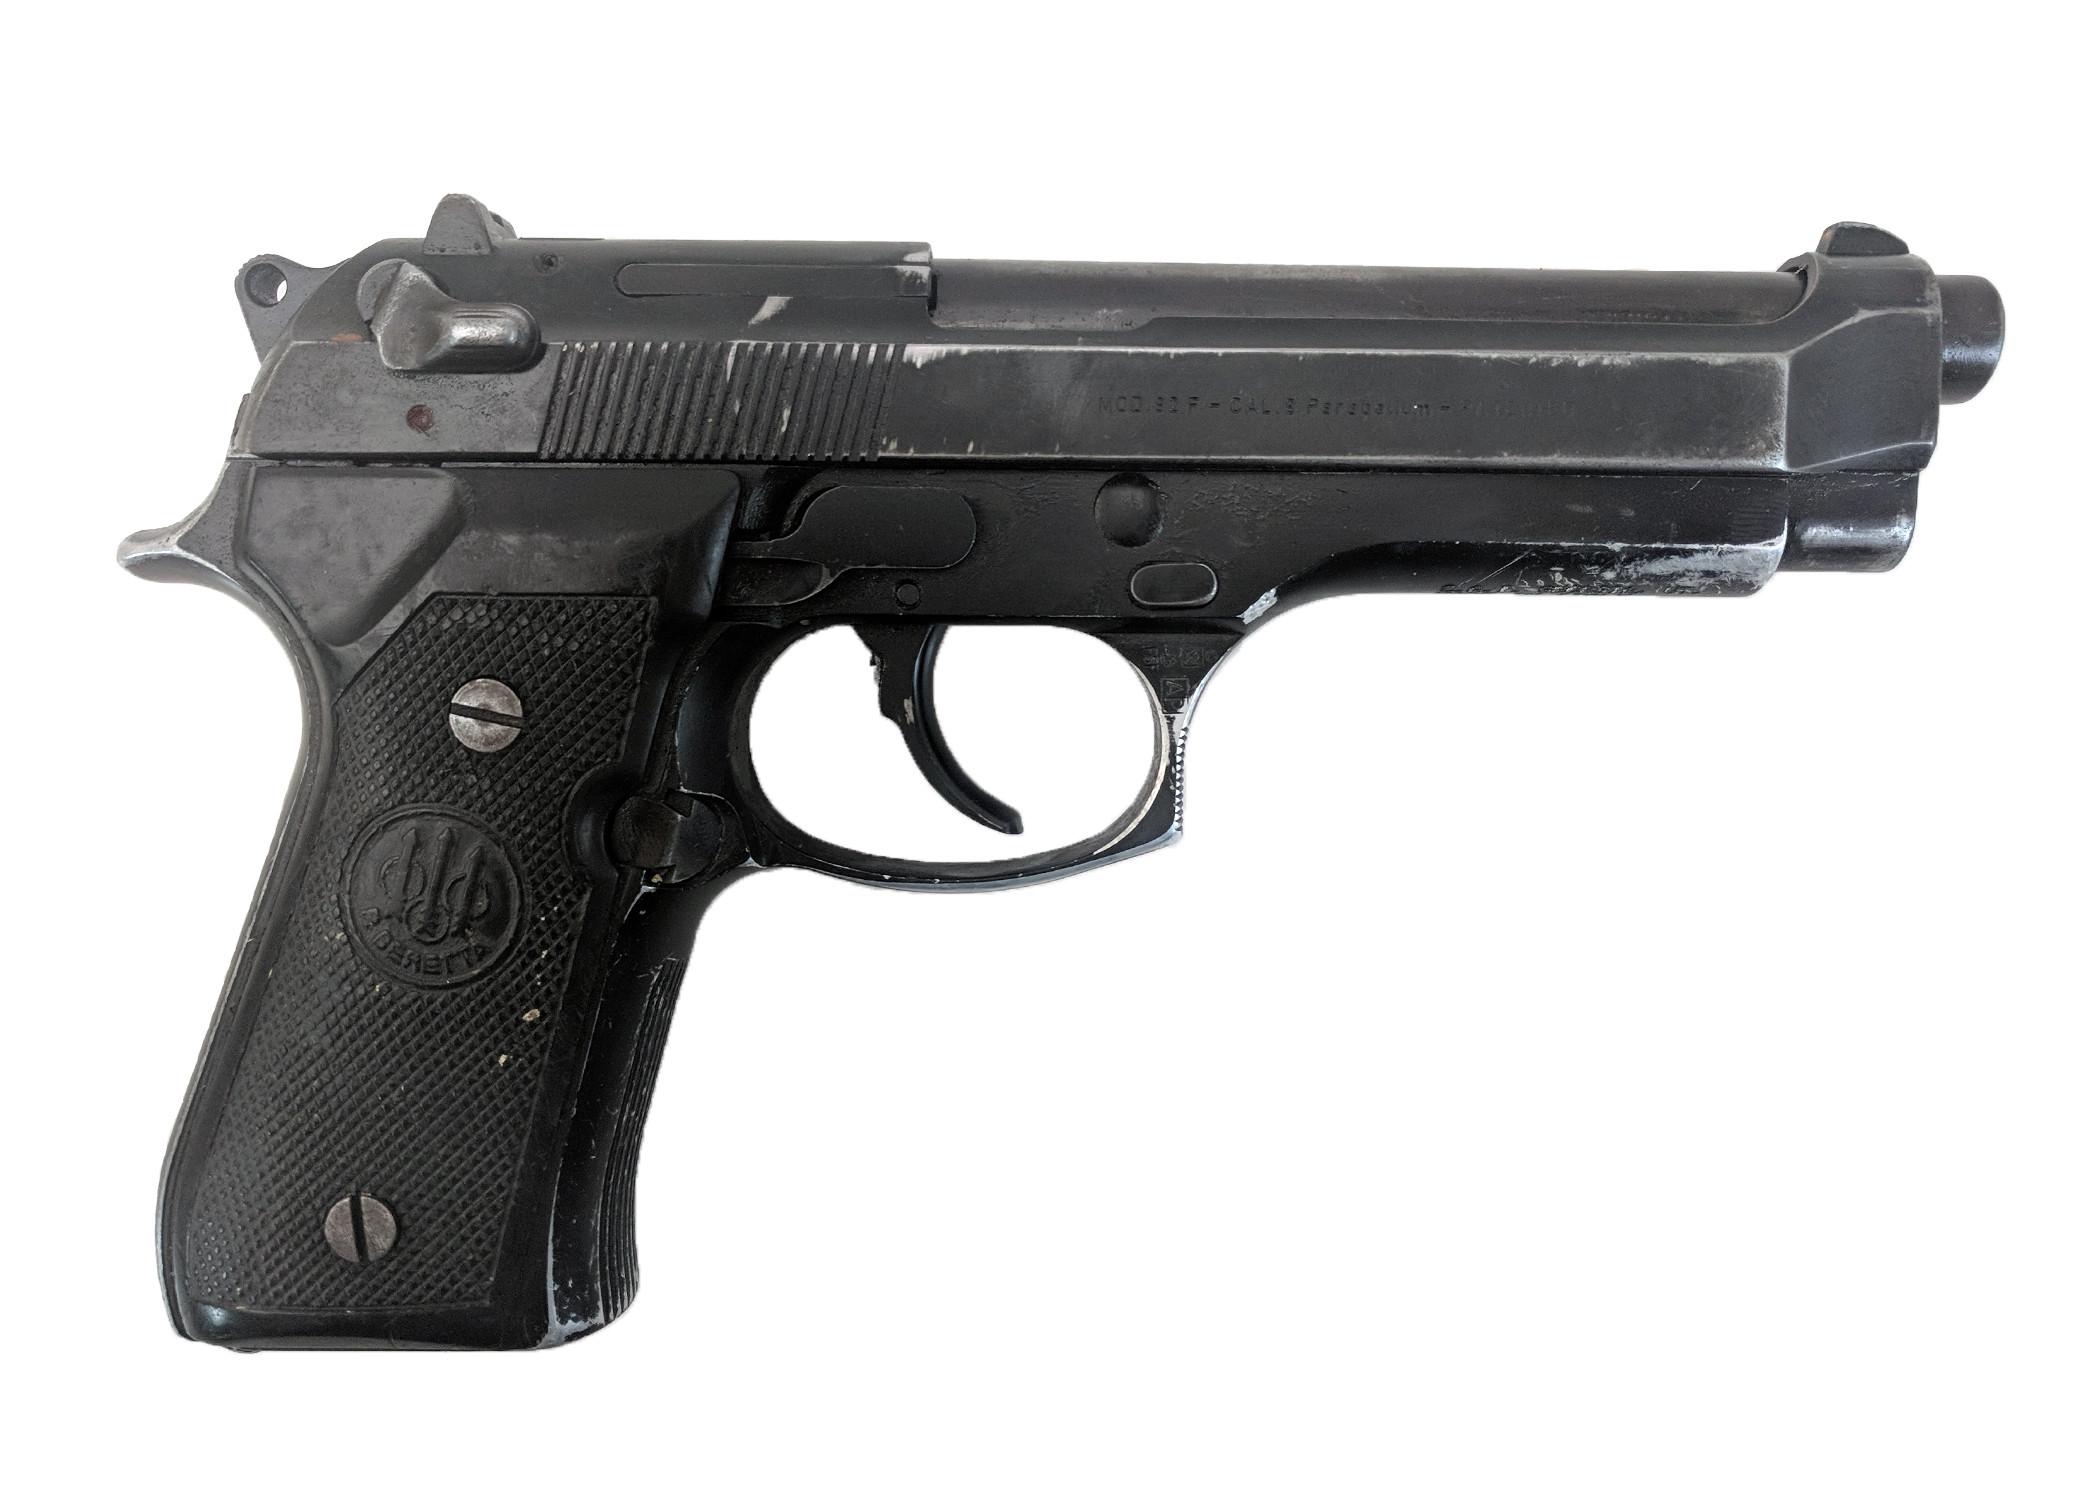 Beretta 92F, 9mm, No Magazine